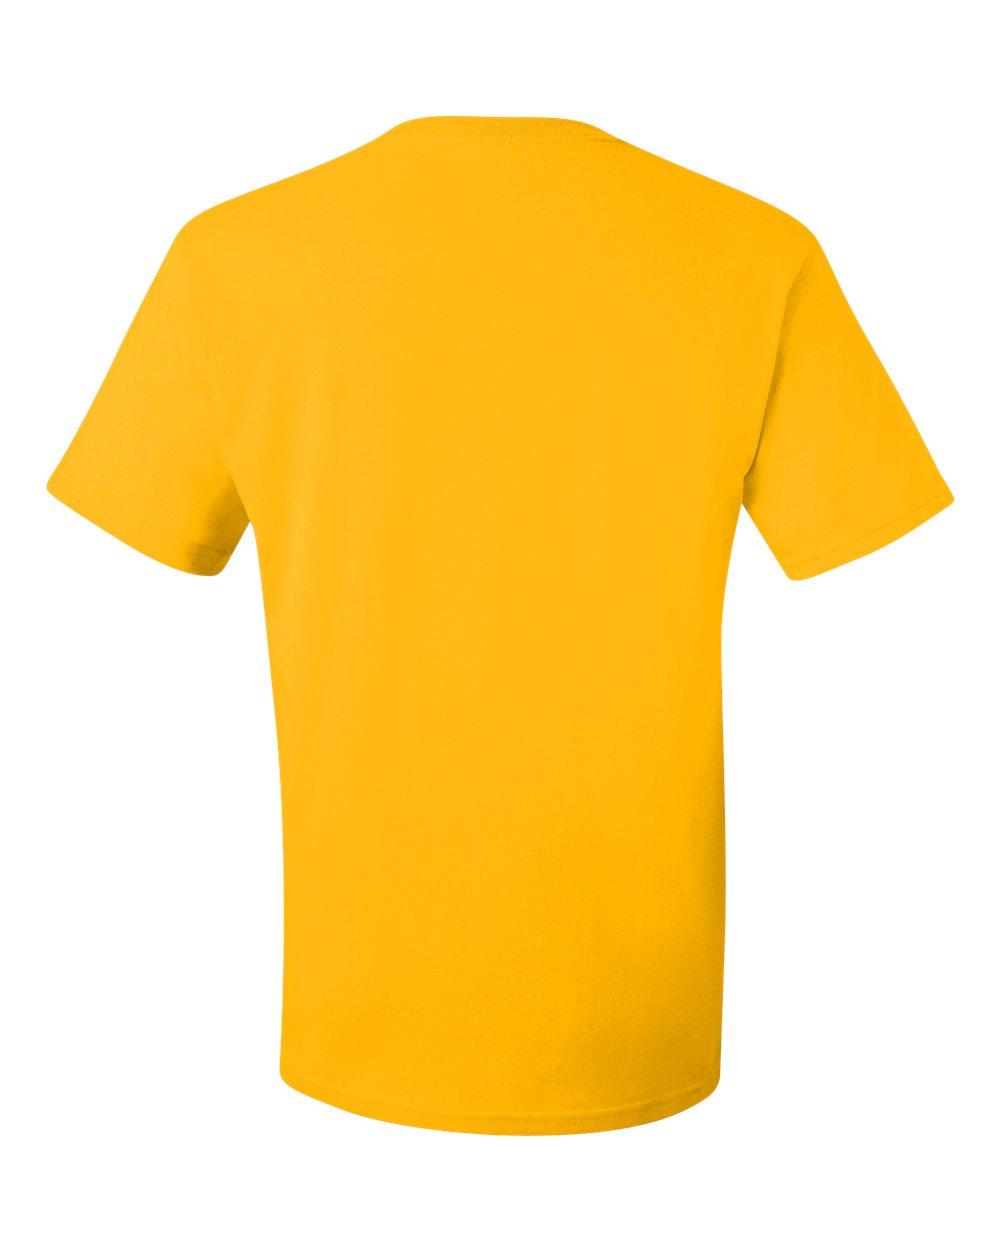 Jerzees-Men-039-s-5-6-oz-50-50-Heavyweight-Blend-T-Shirt-29M-S-4XL thumbnail 7